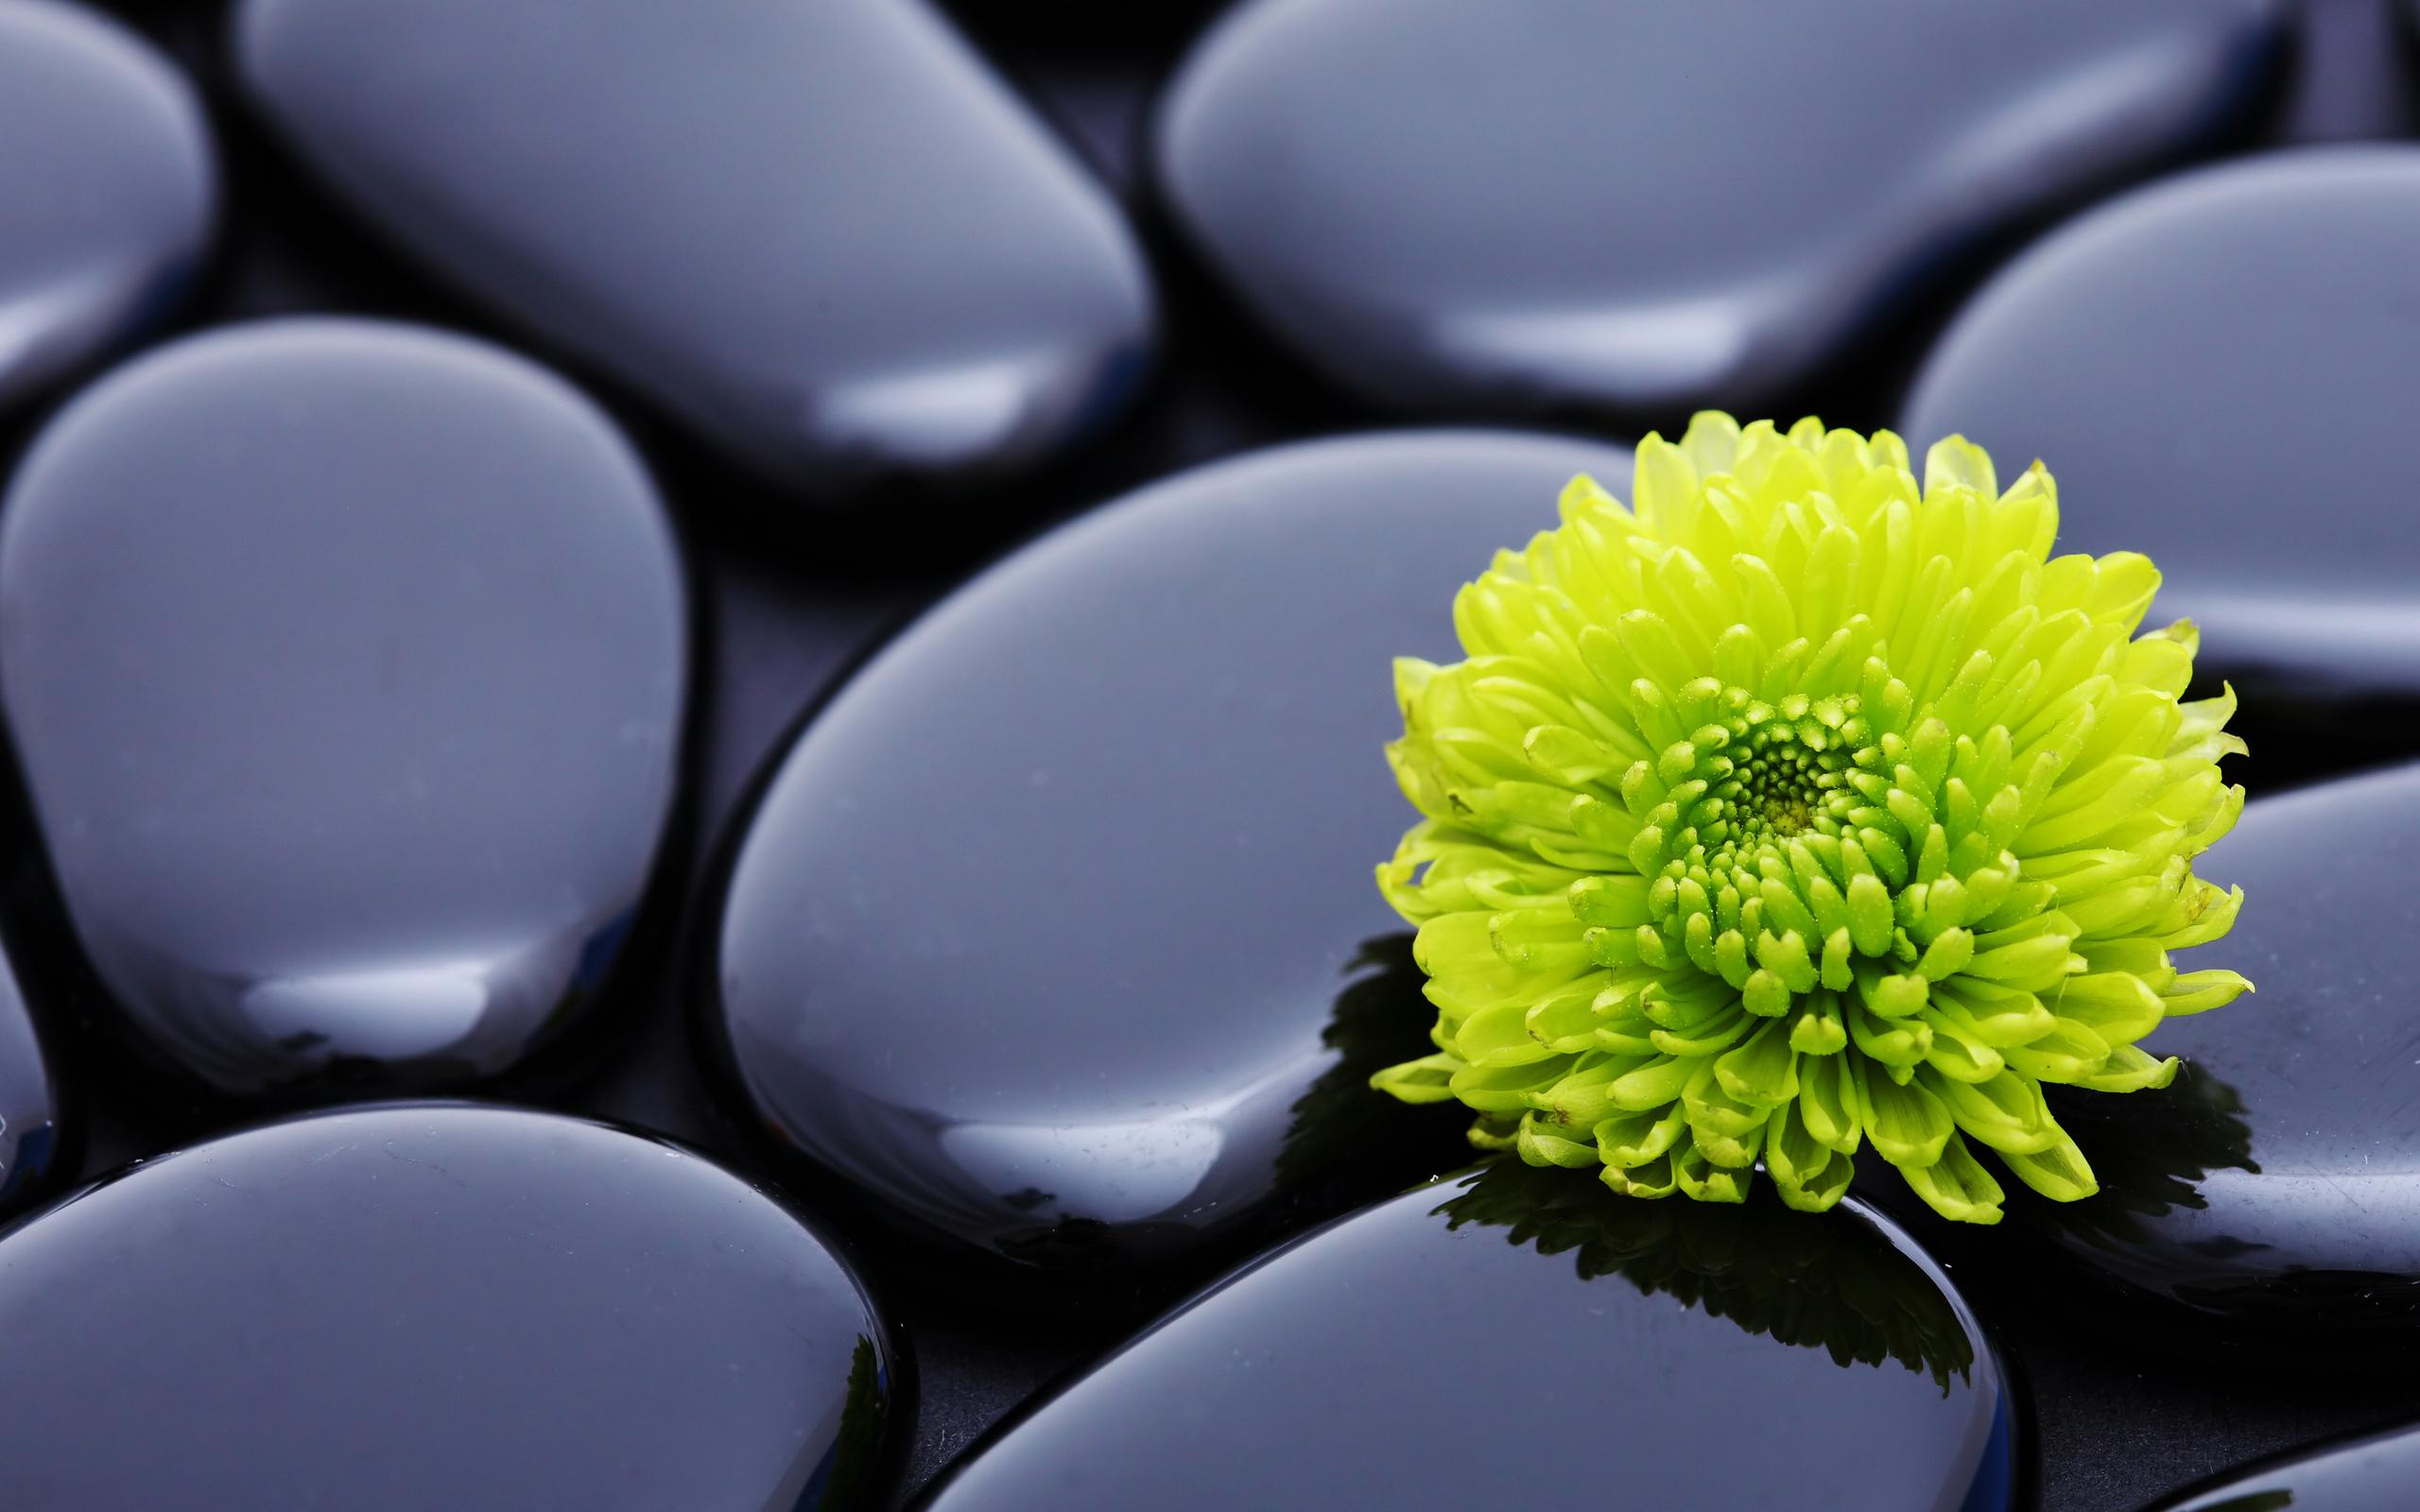 Flowers_stones_zen_2560x1600.jpg